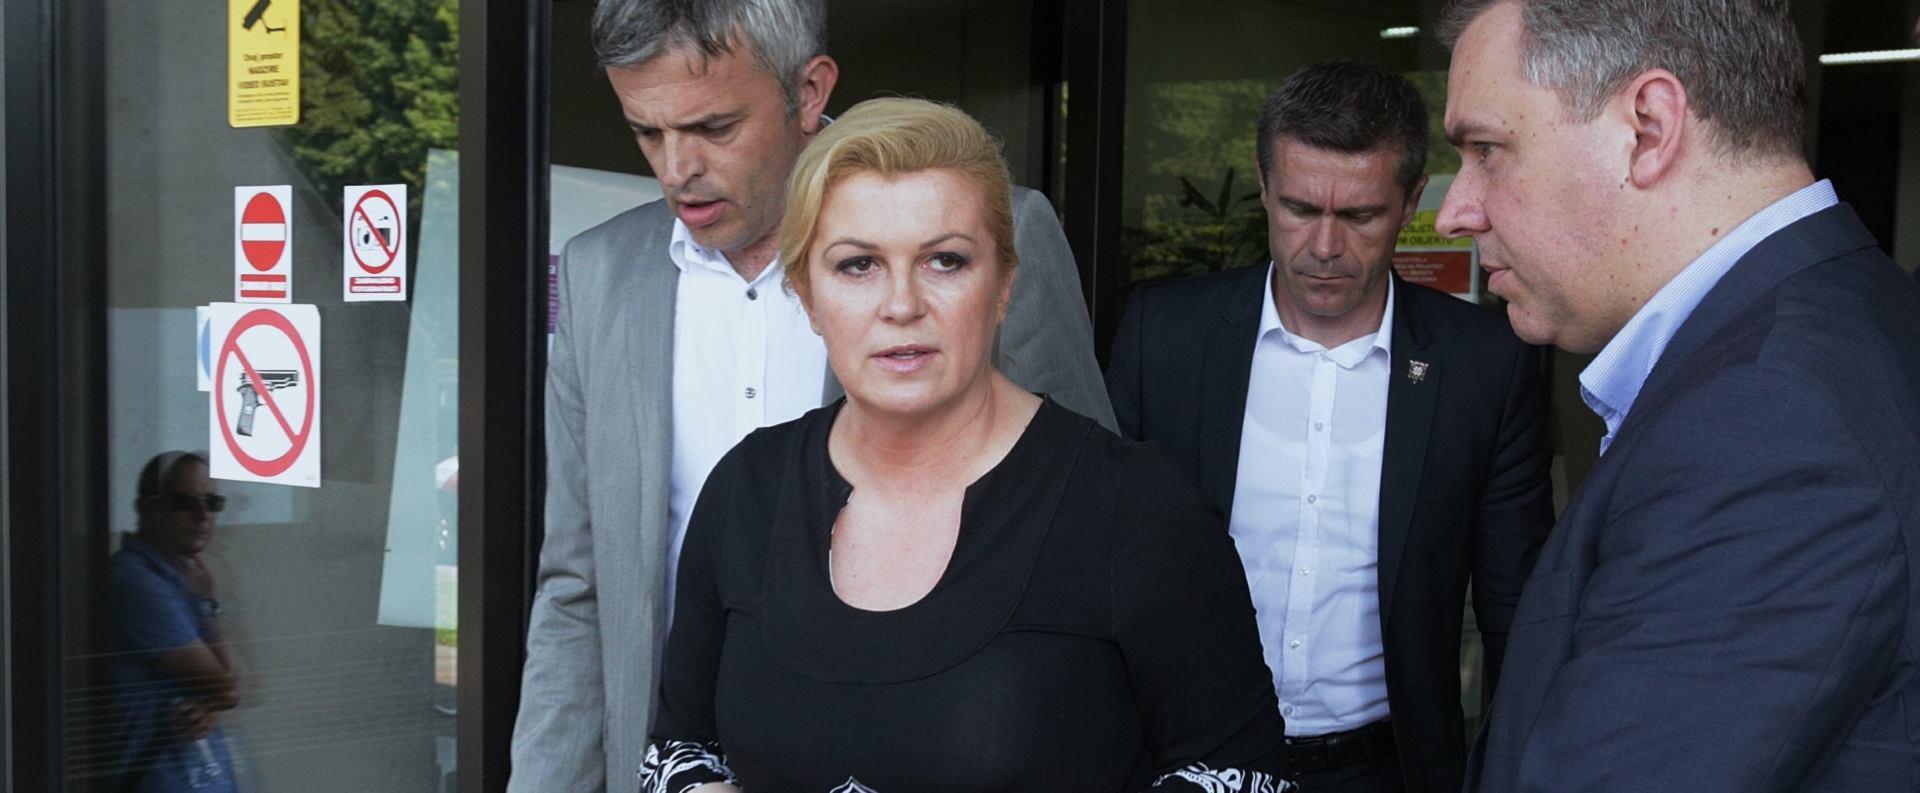 OTMICA U EGIPTU: Grabar-Kitarović zamolila medije da poštuju Salopekovu sigurnost